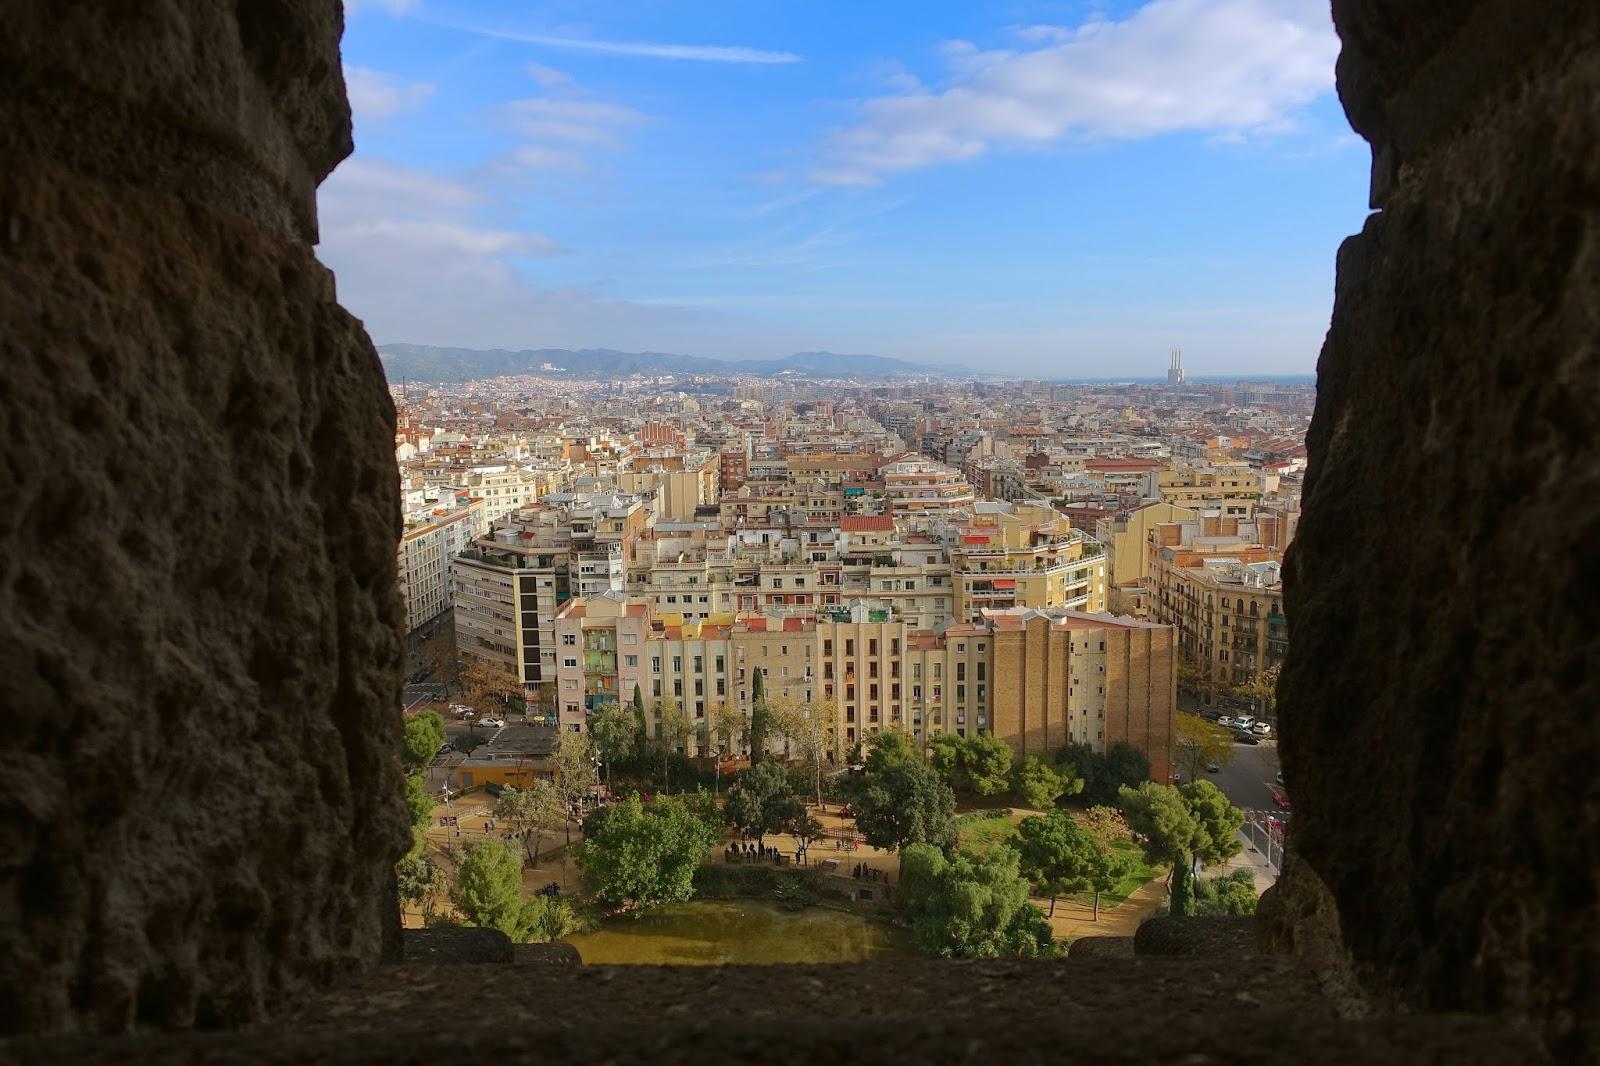 サグラダ・ファミリア (Sagrada Familia) 「ガウディ広場」を眺める